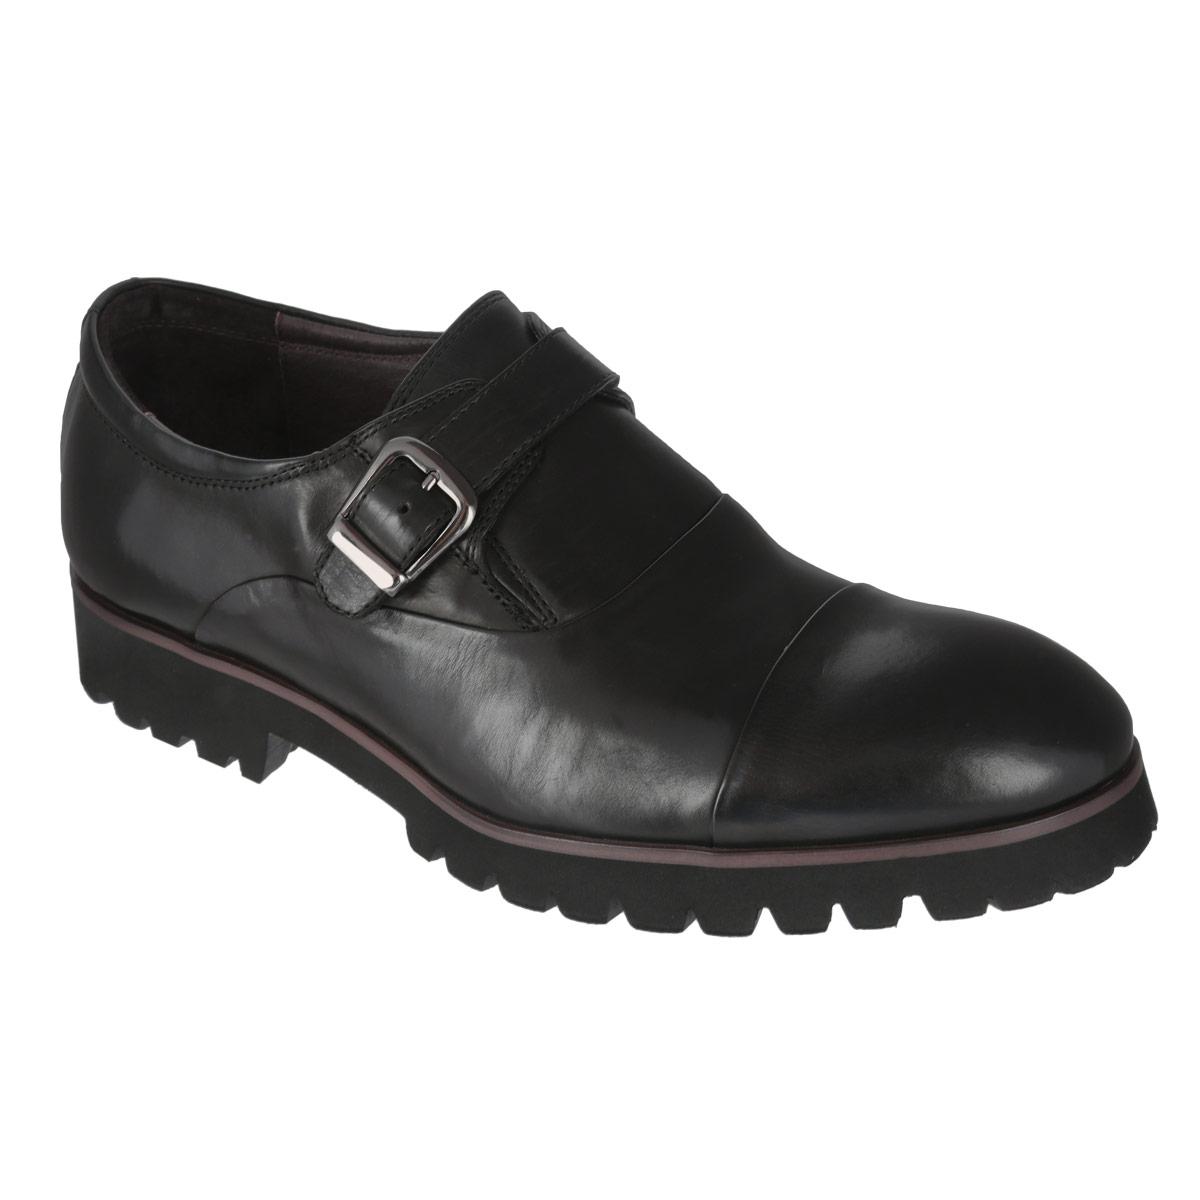 M22008Трендовые мужские туфли Vitacci займут достойное место в вашем гардеробе. Модель изготовлена из высококачественной натуральной кожи и оформлена задним наружным ремнем, контрастной полоской на подошве. Стрейчевая вставка и ремешок с металлической пряжкой прямоугольной формы, расположенные на подъеме, обеспечивают оптимальную посадку обуви. Длина ремешка регулируется за счет болта. Стелька из натуральной кожи оснащена перфорацией, что позволяет ногам дышать. Каблук и подошва с протектором обеспечивают идеальное сцепление с поверхностью. Стильные туфли не оставят равнодушным ни одного мужчину.